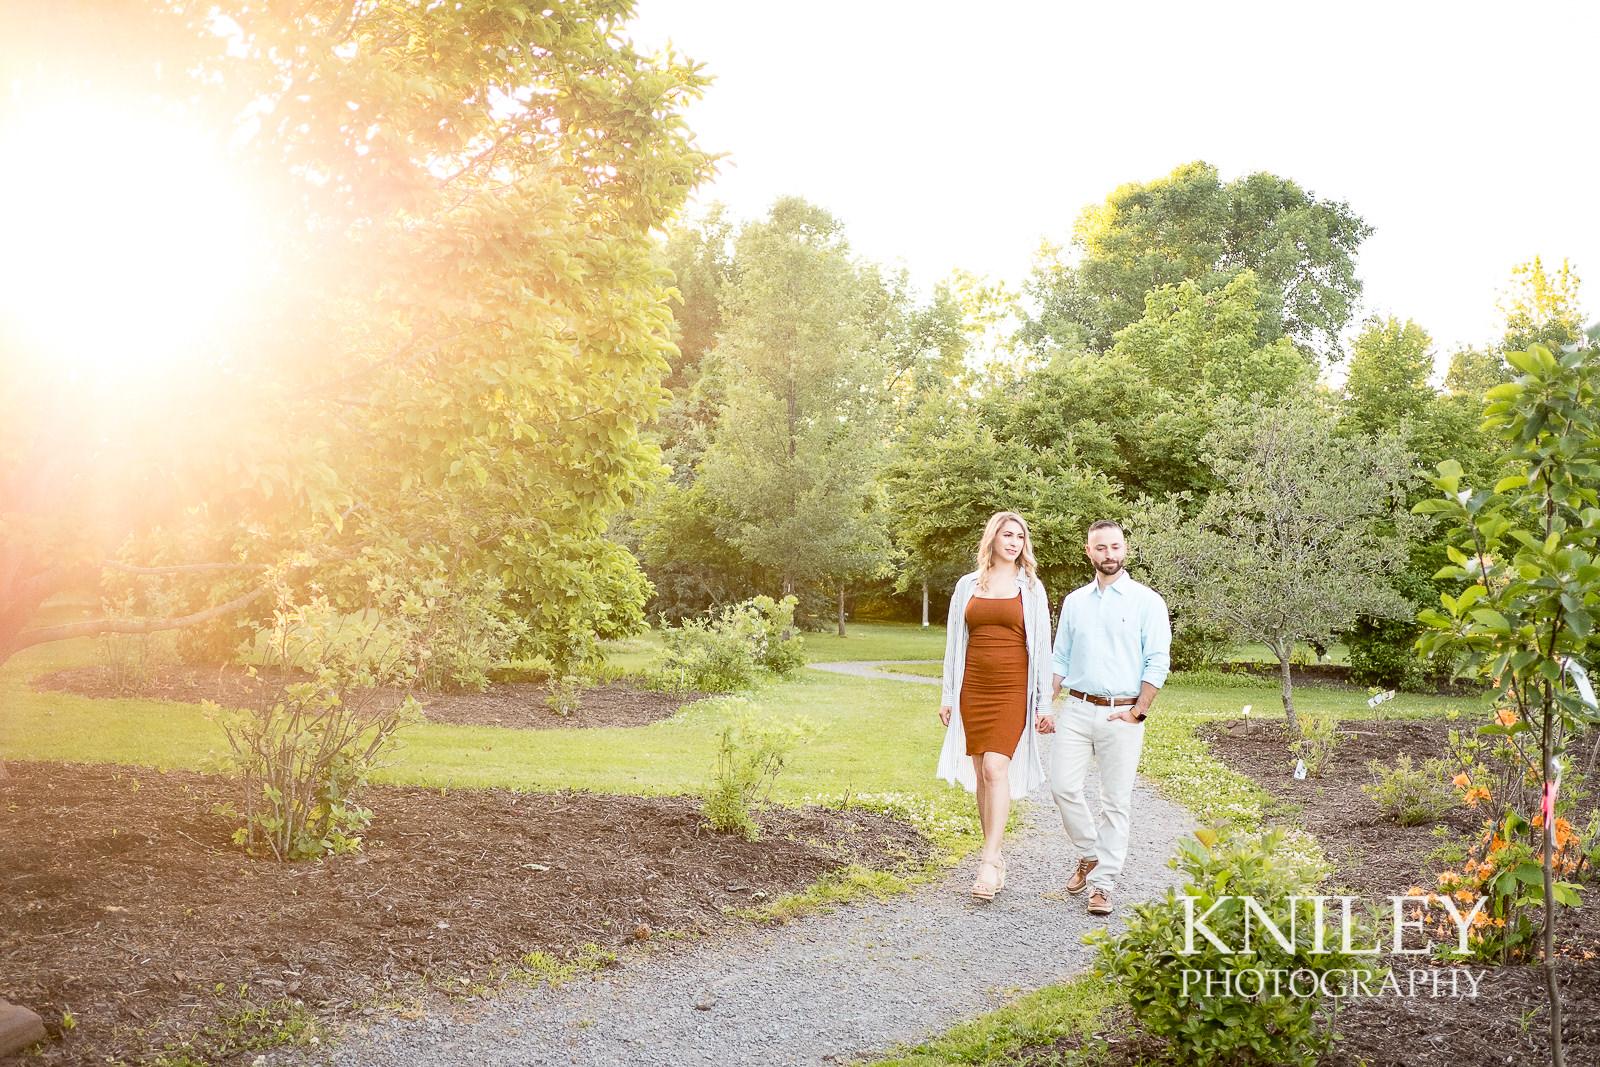 028 - Webster Arboretum Engagement Picture -XT2A1985.jpg